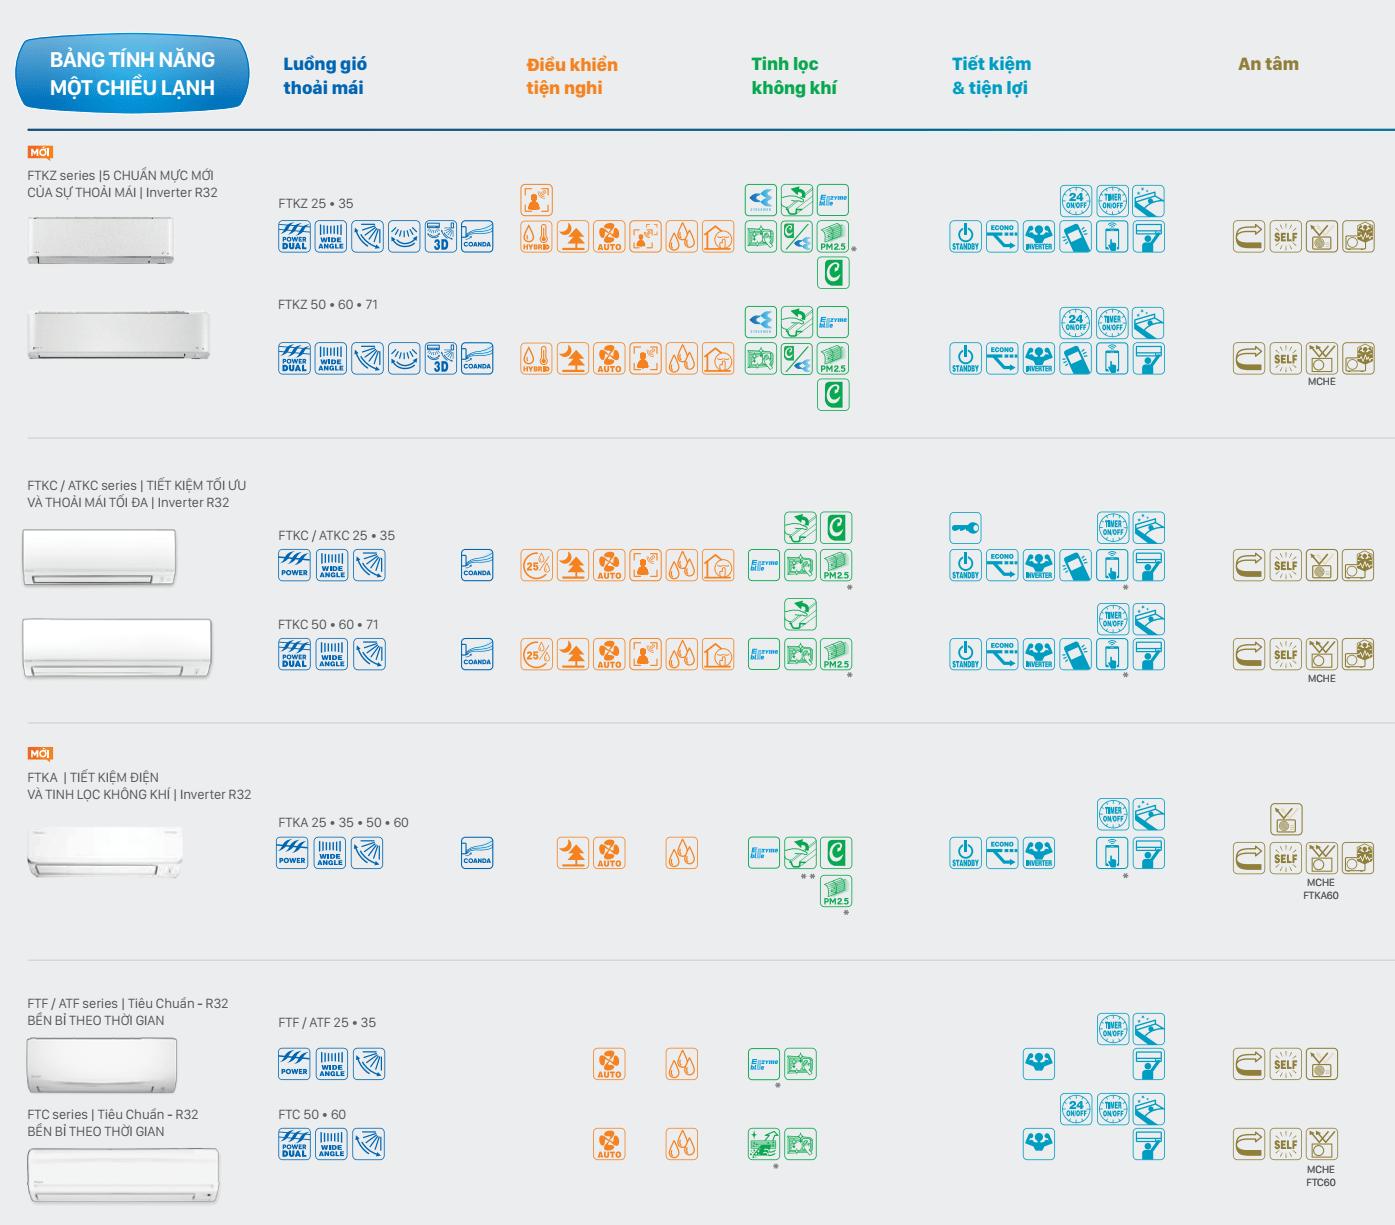 bảng tính năng điều hòa daikin